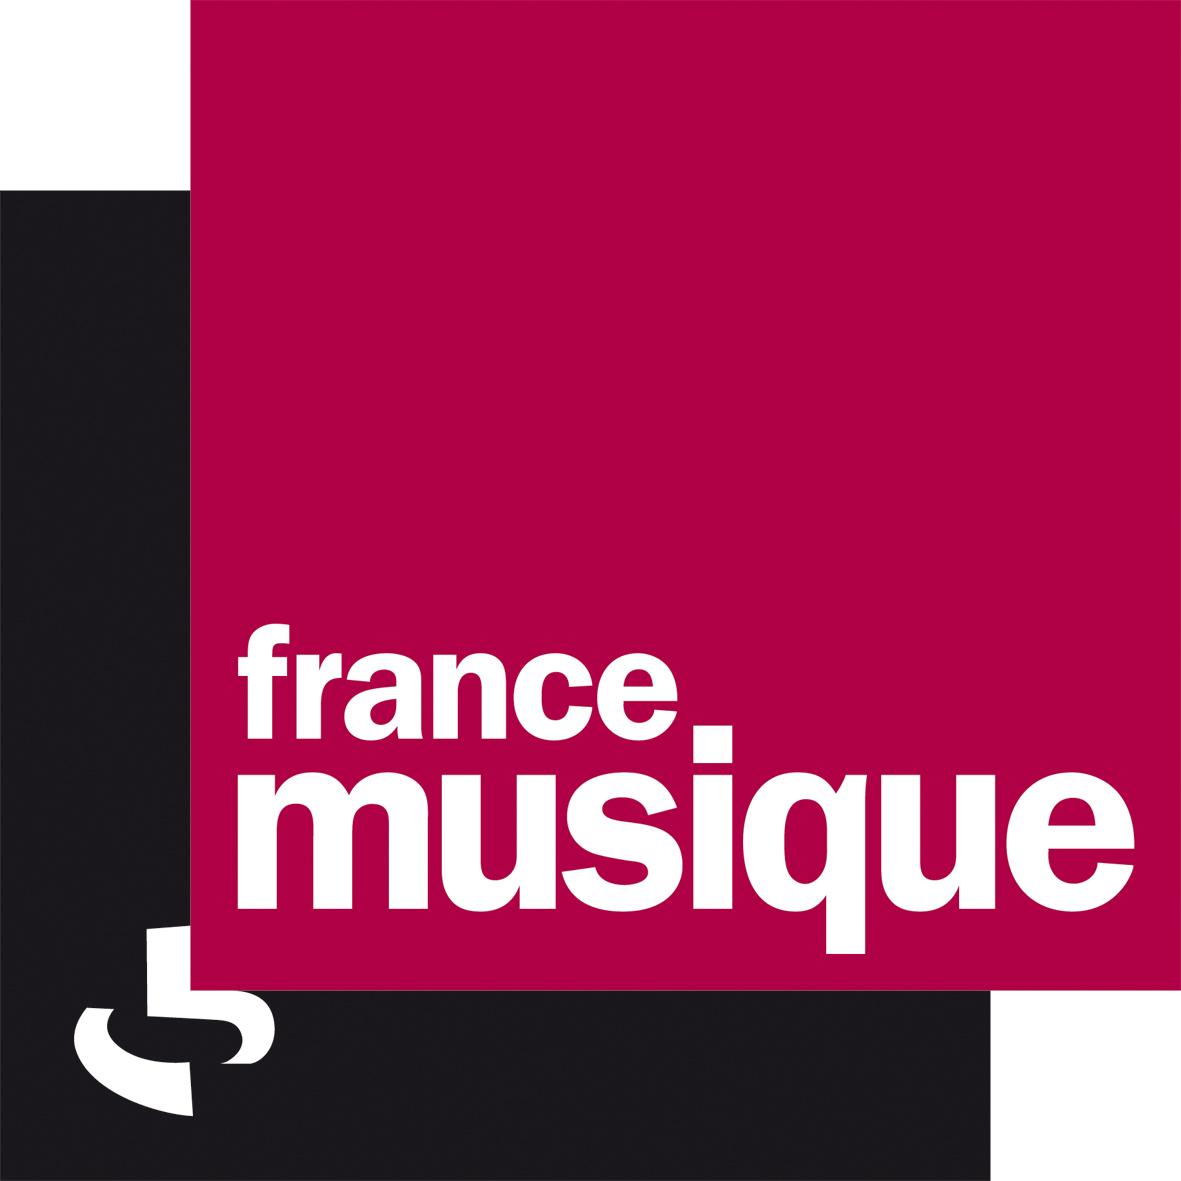 logo-france-musique_2